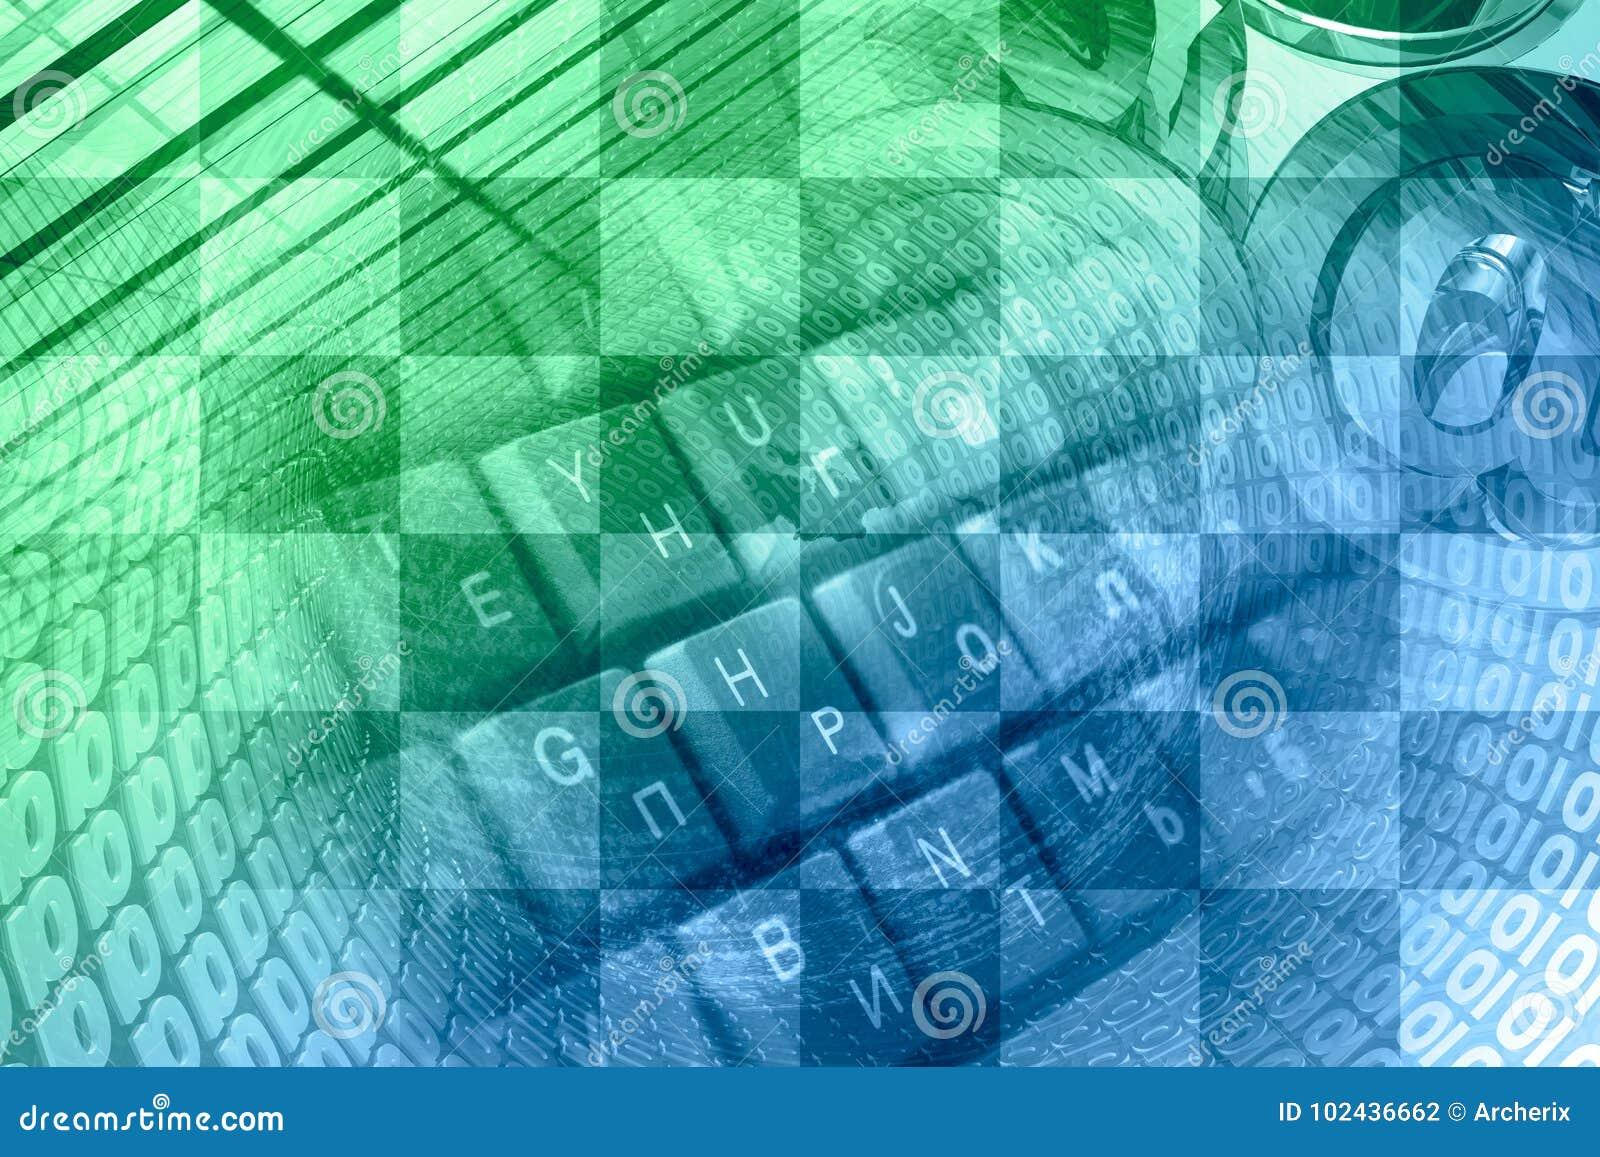 Ψηφία, σημάδια ταχυδρομείου και πληκτρολόγιο